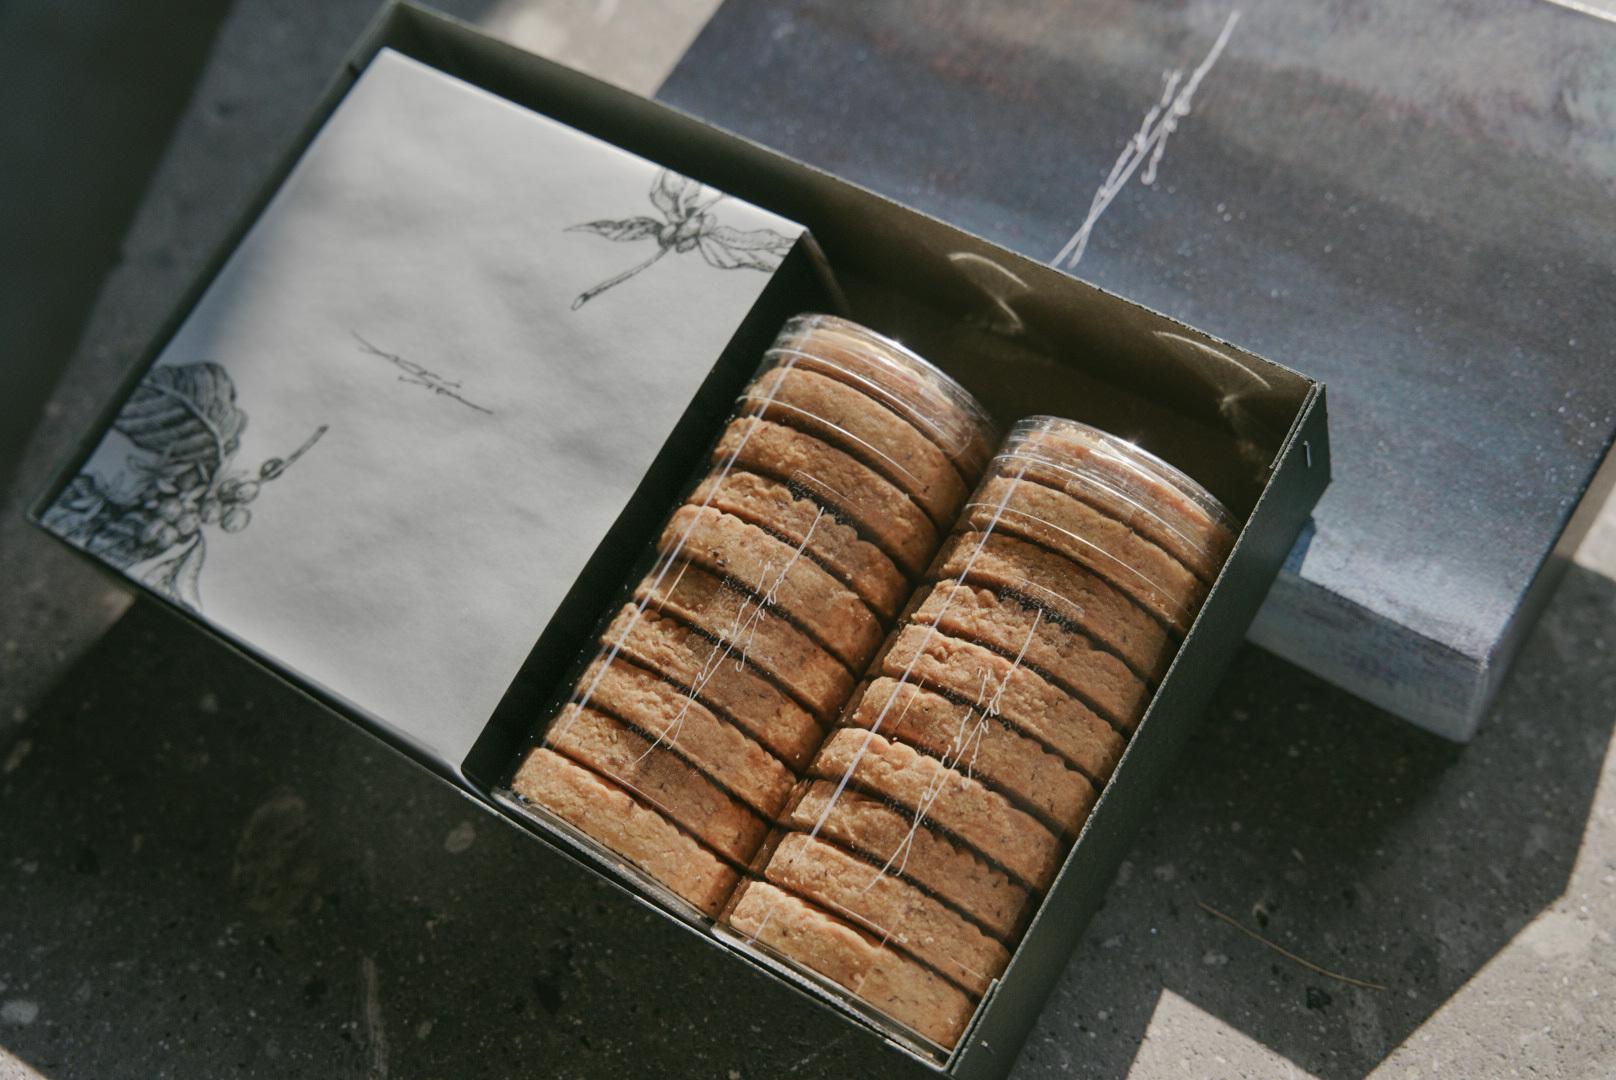 【父の日ギフト】スズナリからの贈り物 (ドリップバッグとクッキー)